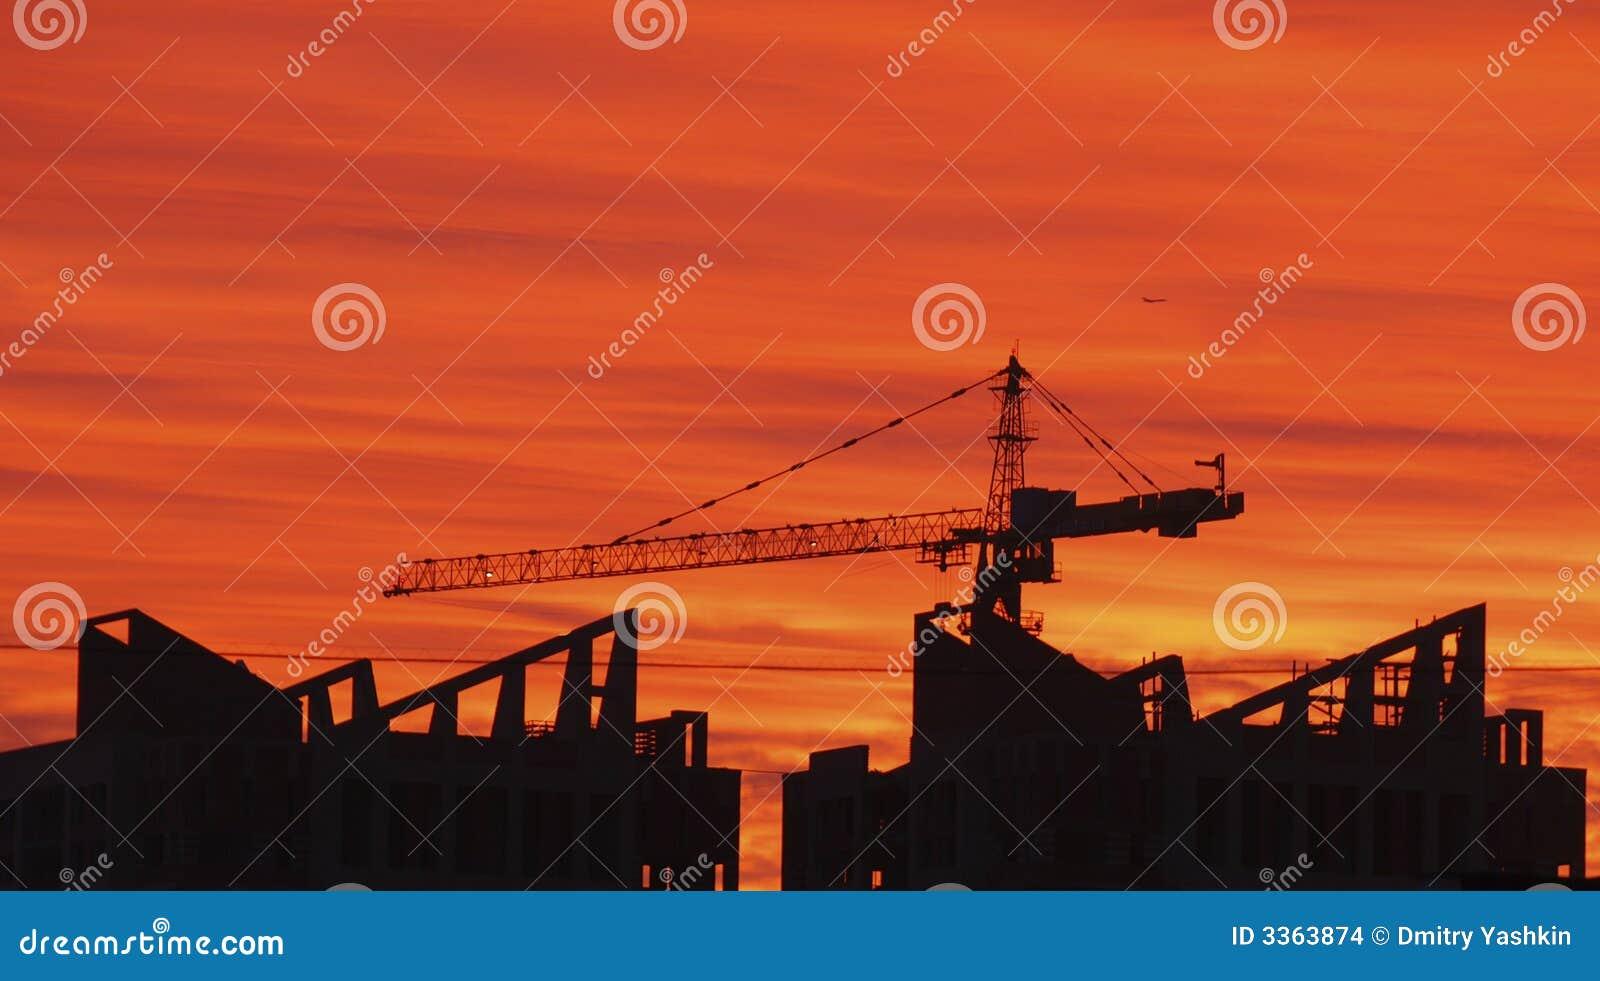 Crane build construction